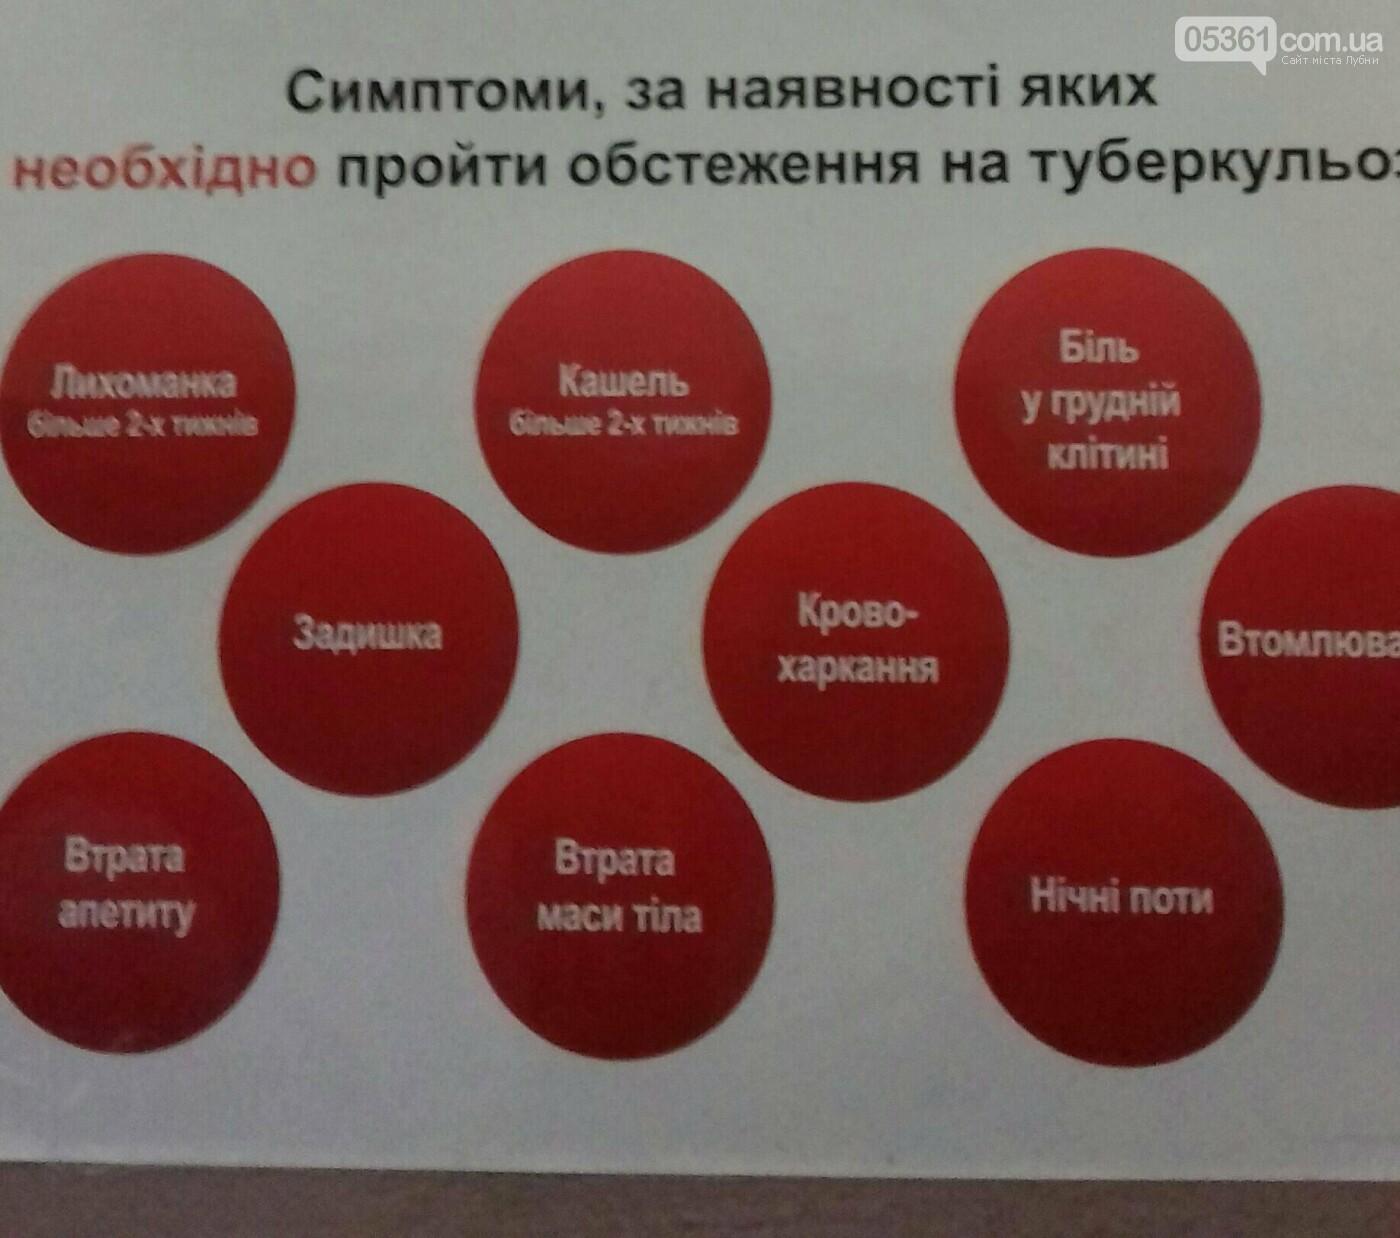 Туберкульоз у Лубнах, фото-3